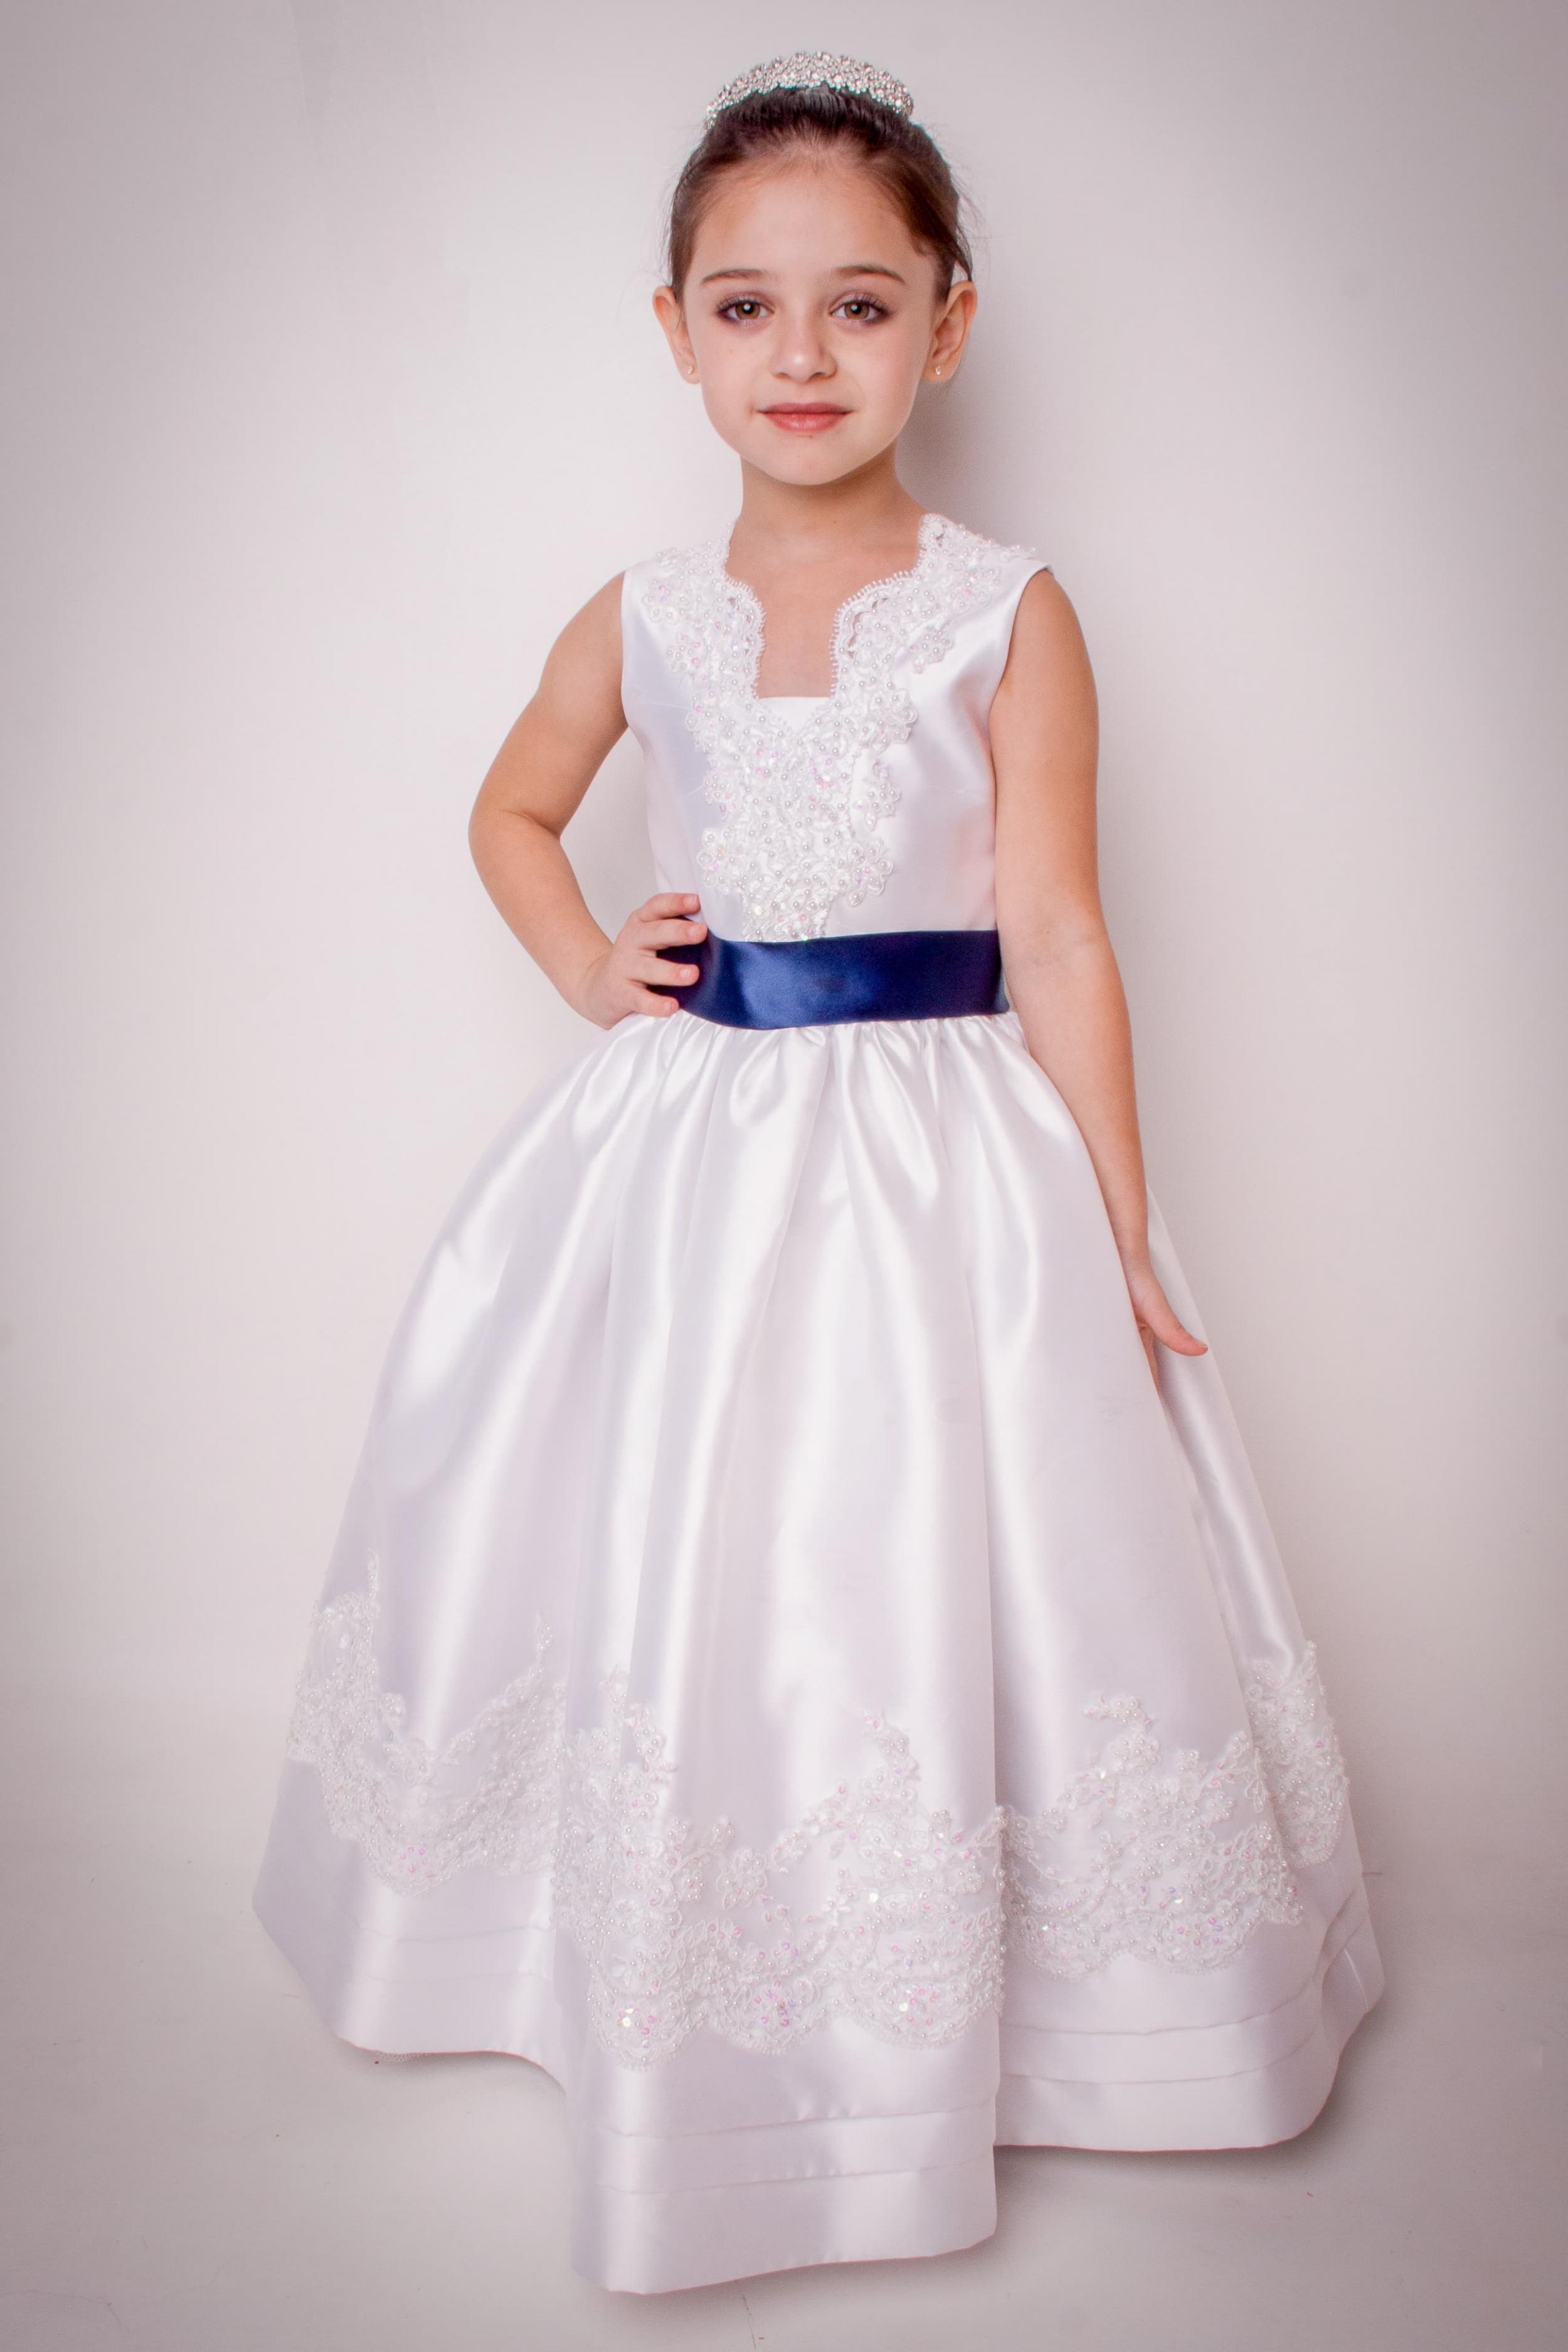 32 - Vestido de daminha branco com aplicações de renda e cristais